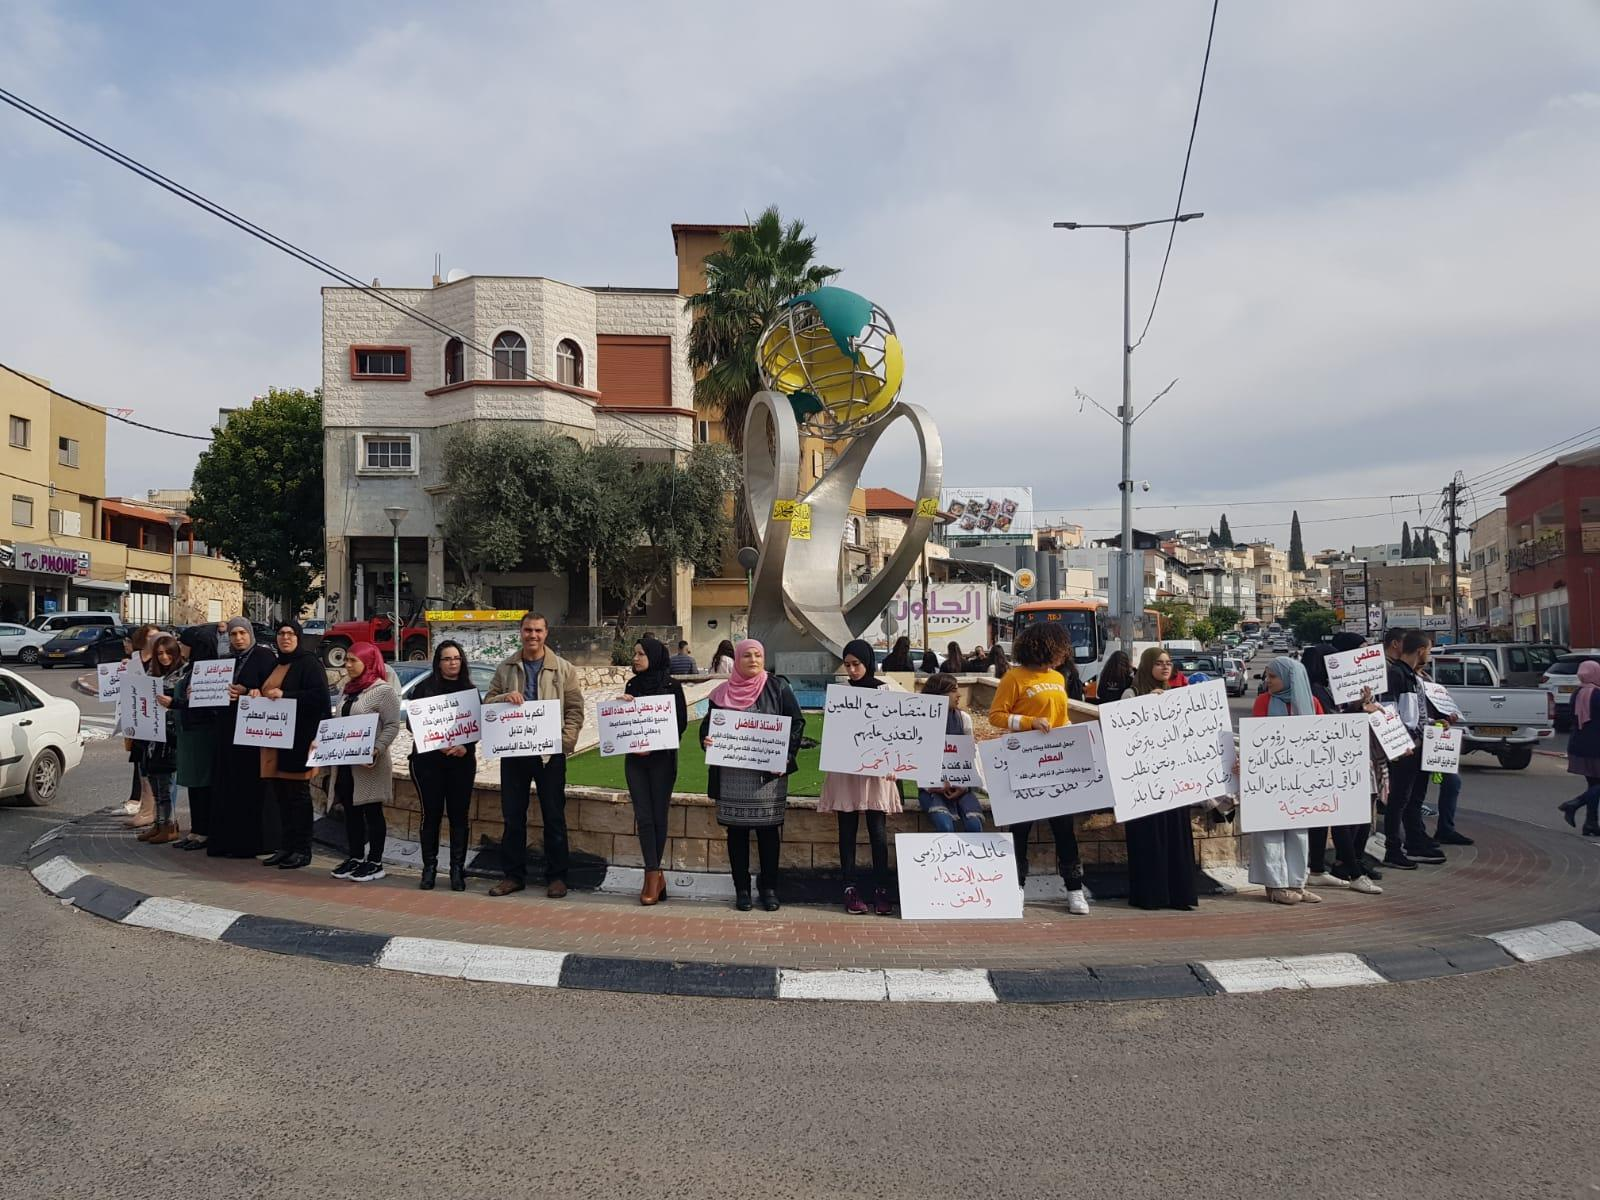 طمرة: وقفة احتجاجية ضد الاعتداء على مرب بالخوارزمي